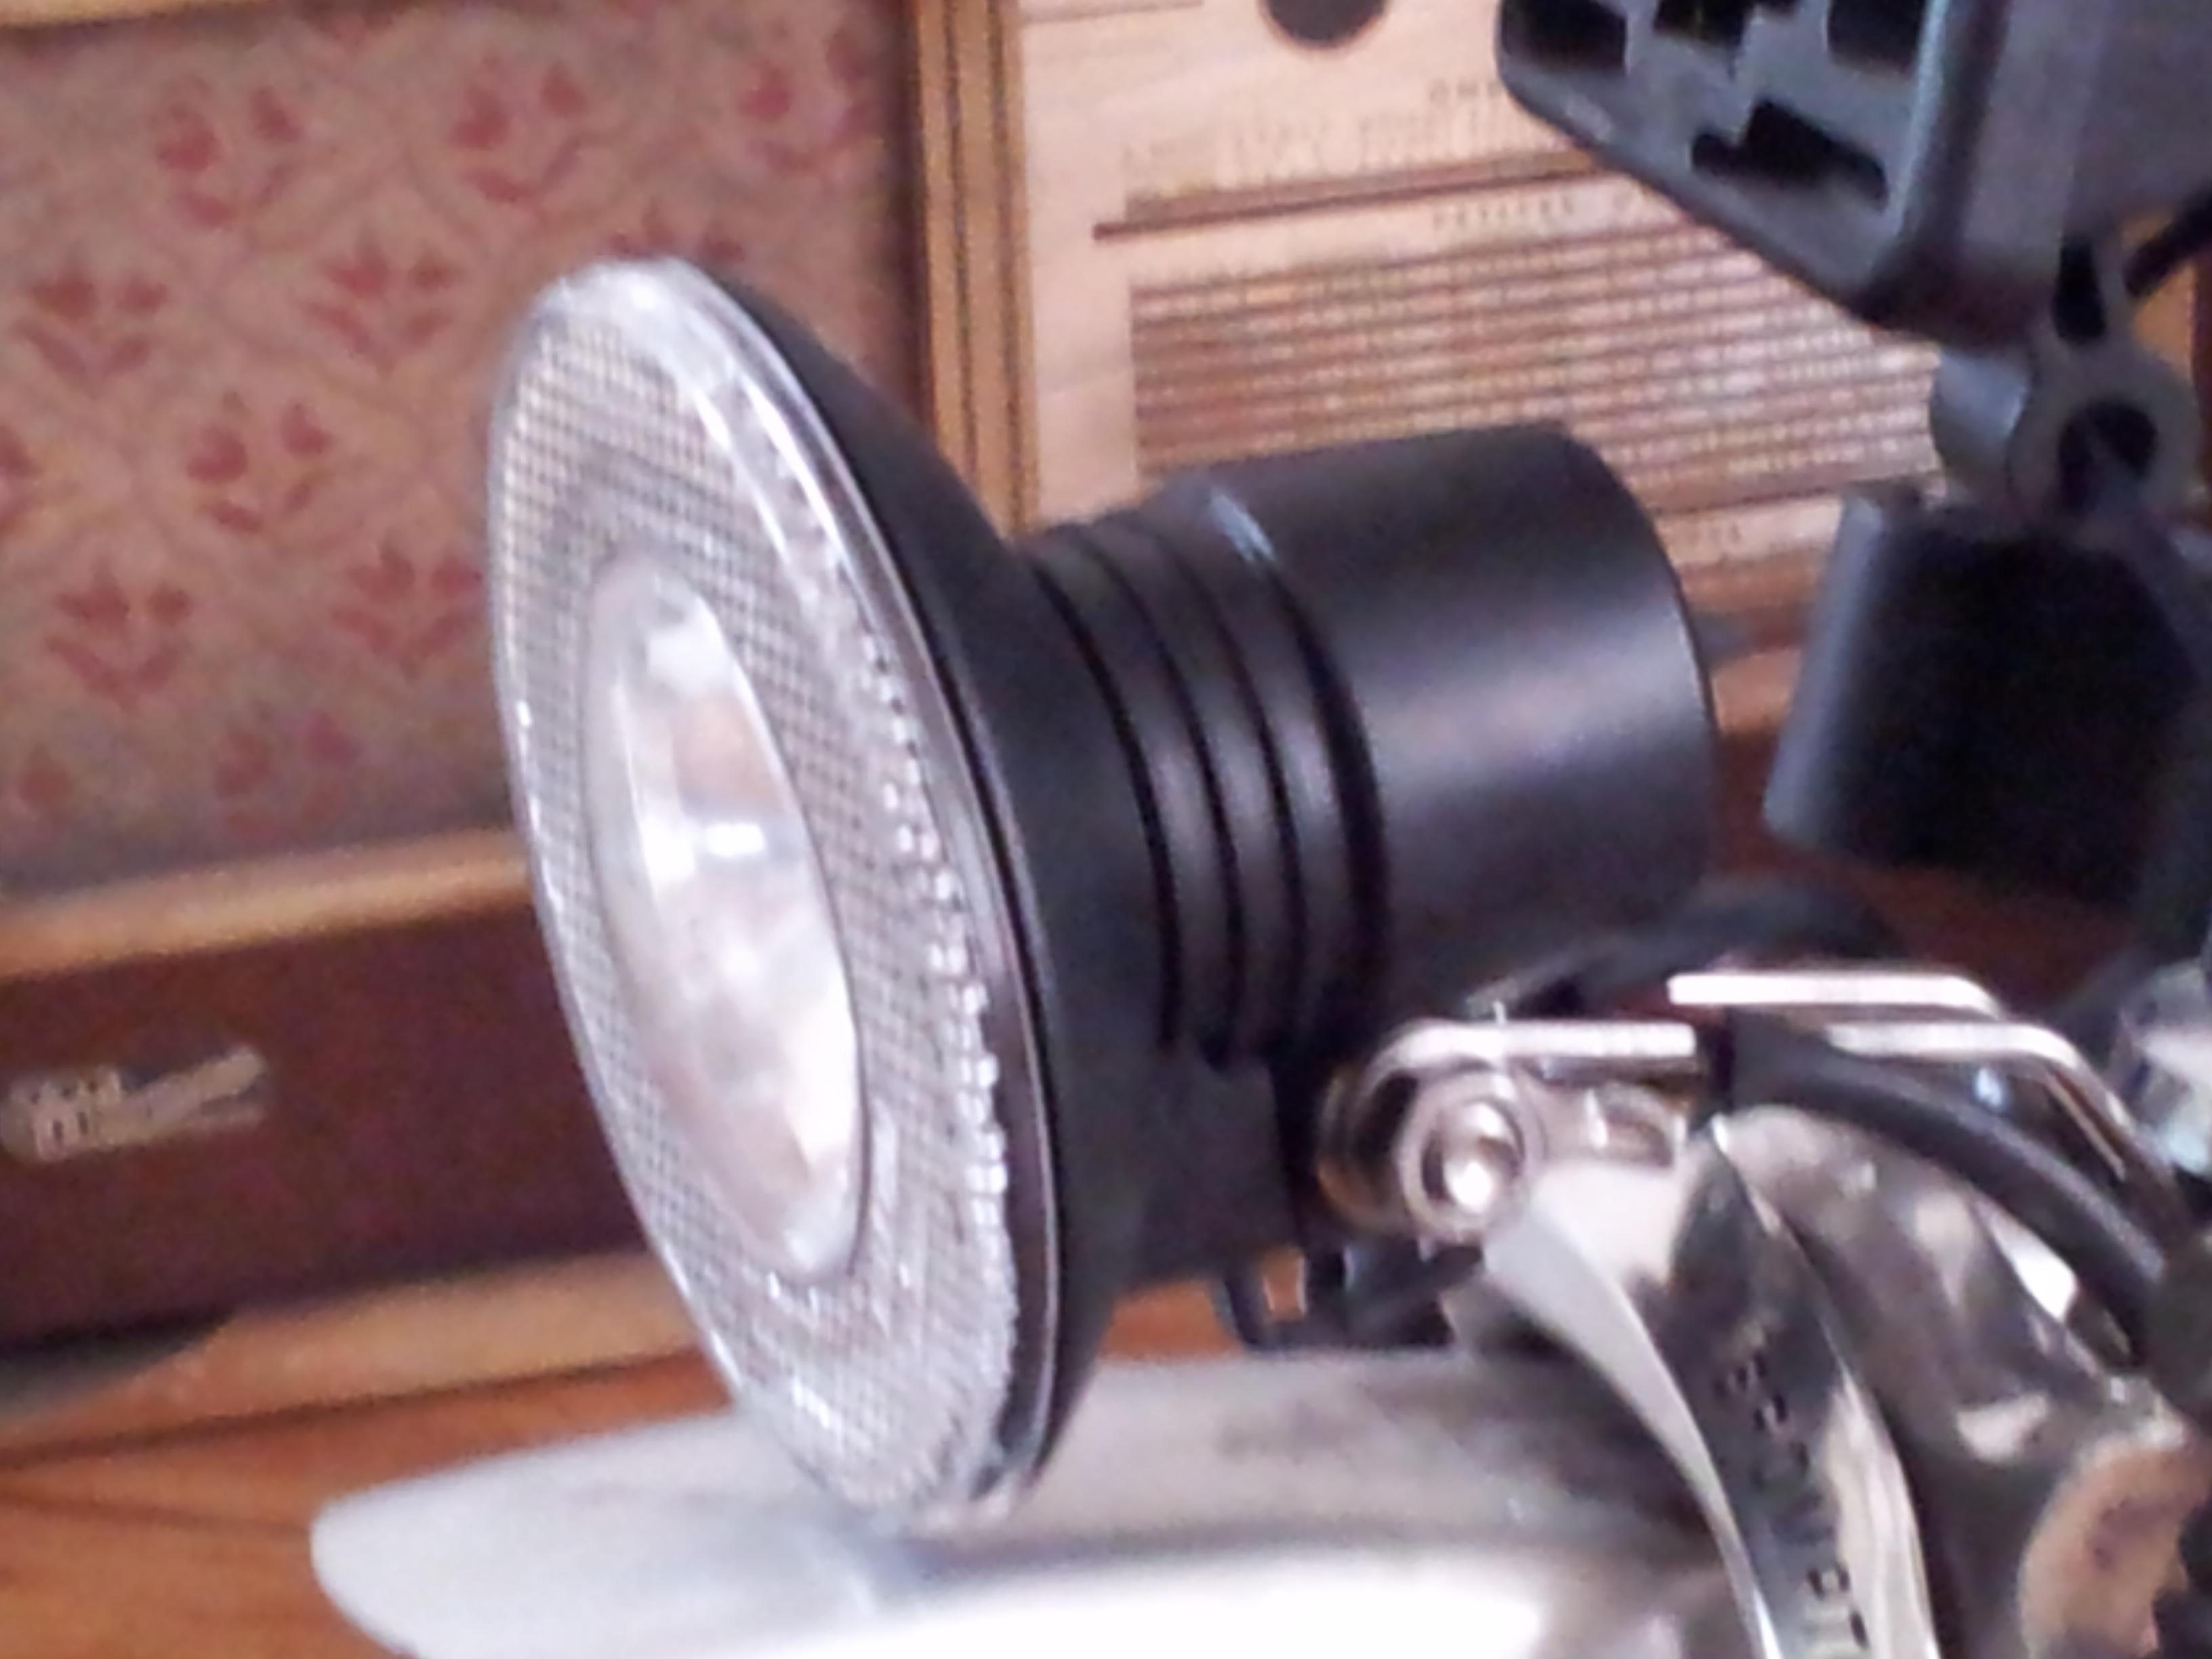 Problème de lumière sur la dynamo moyeux Shimano: Analyse et solution  Lampe-halog-ne-36ccd50